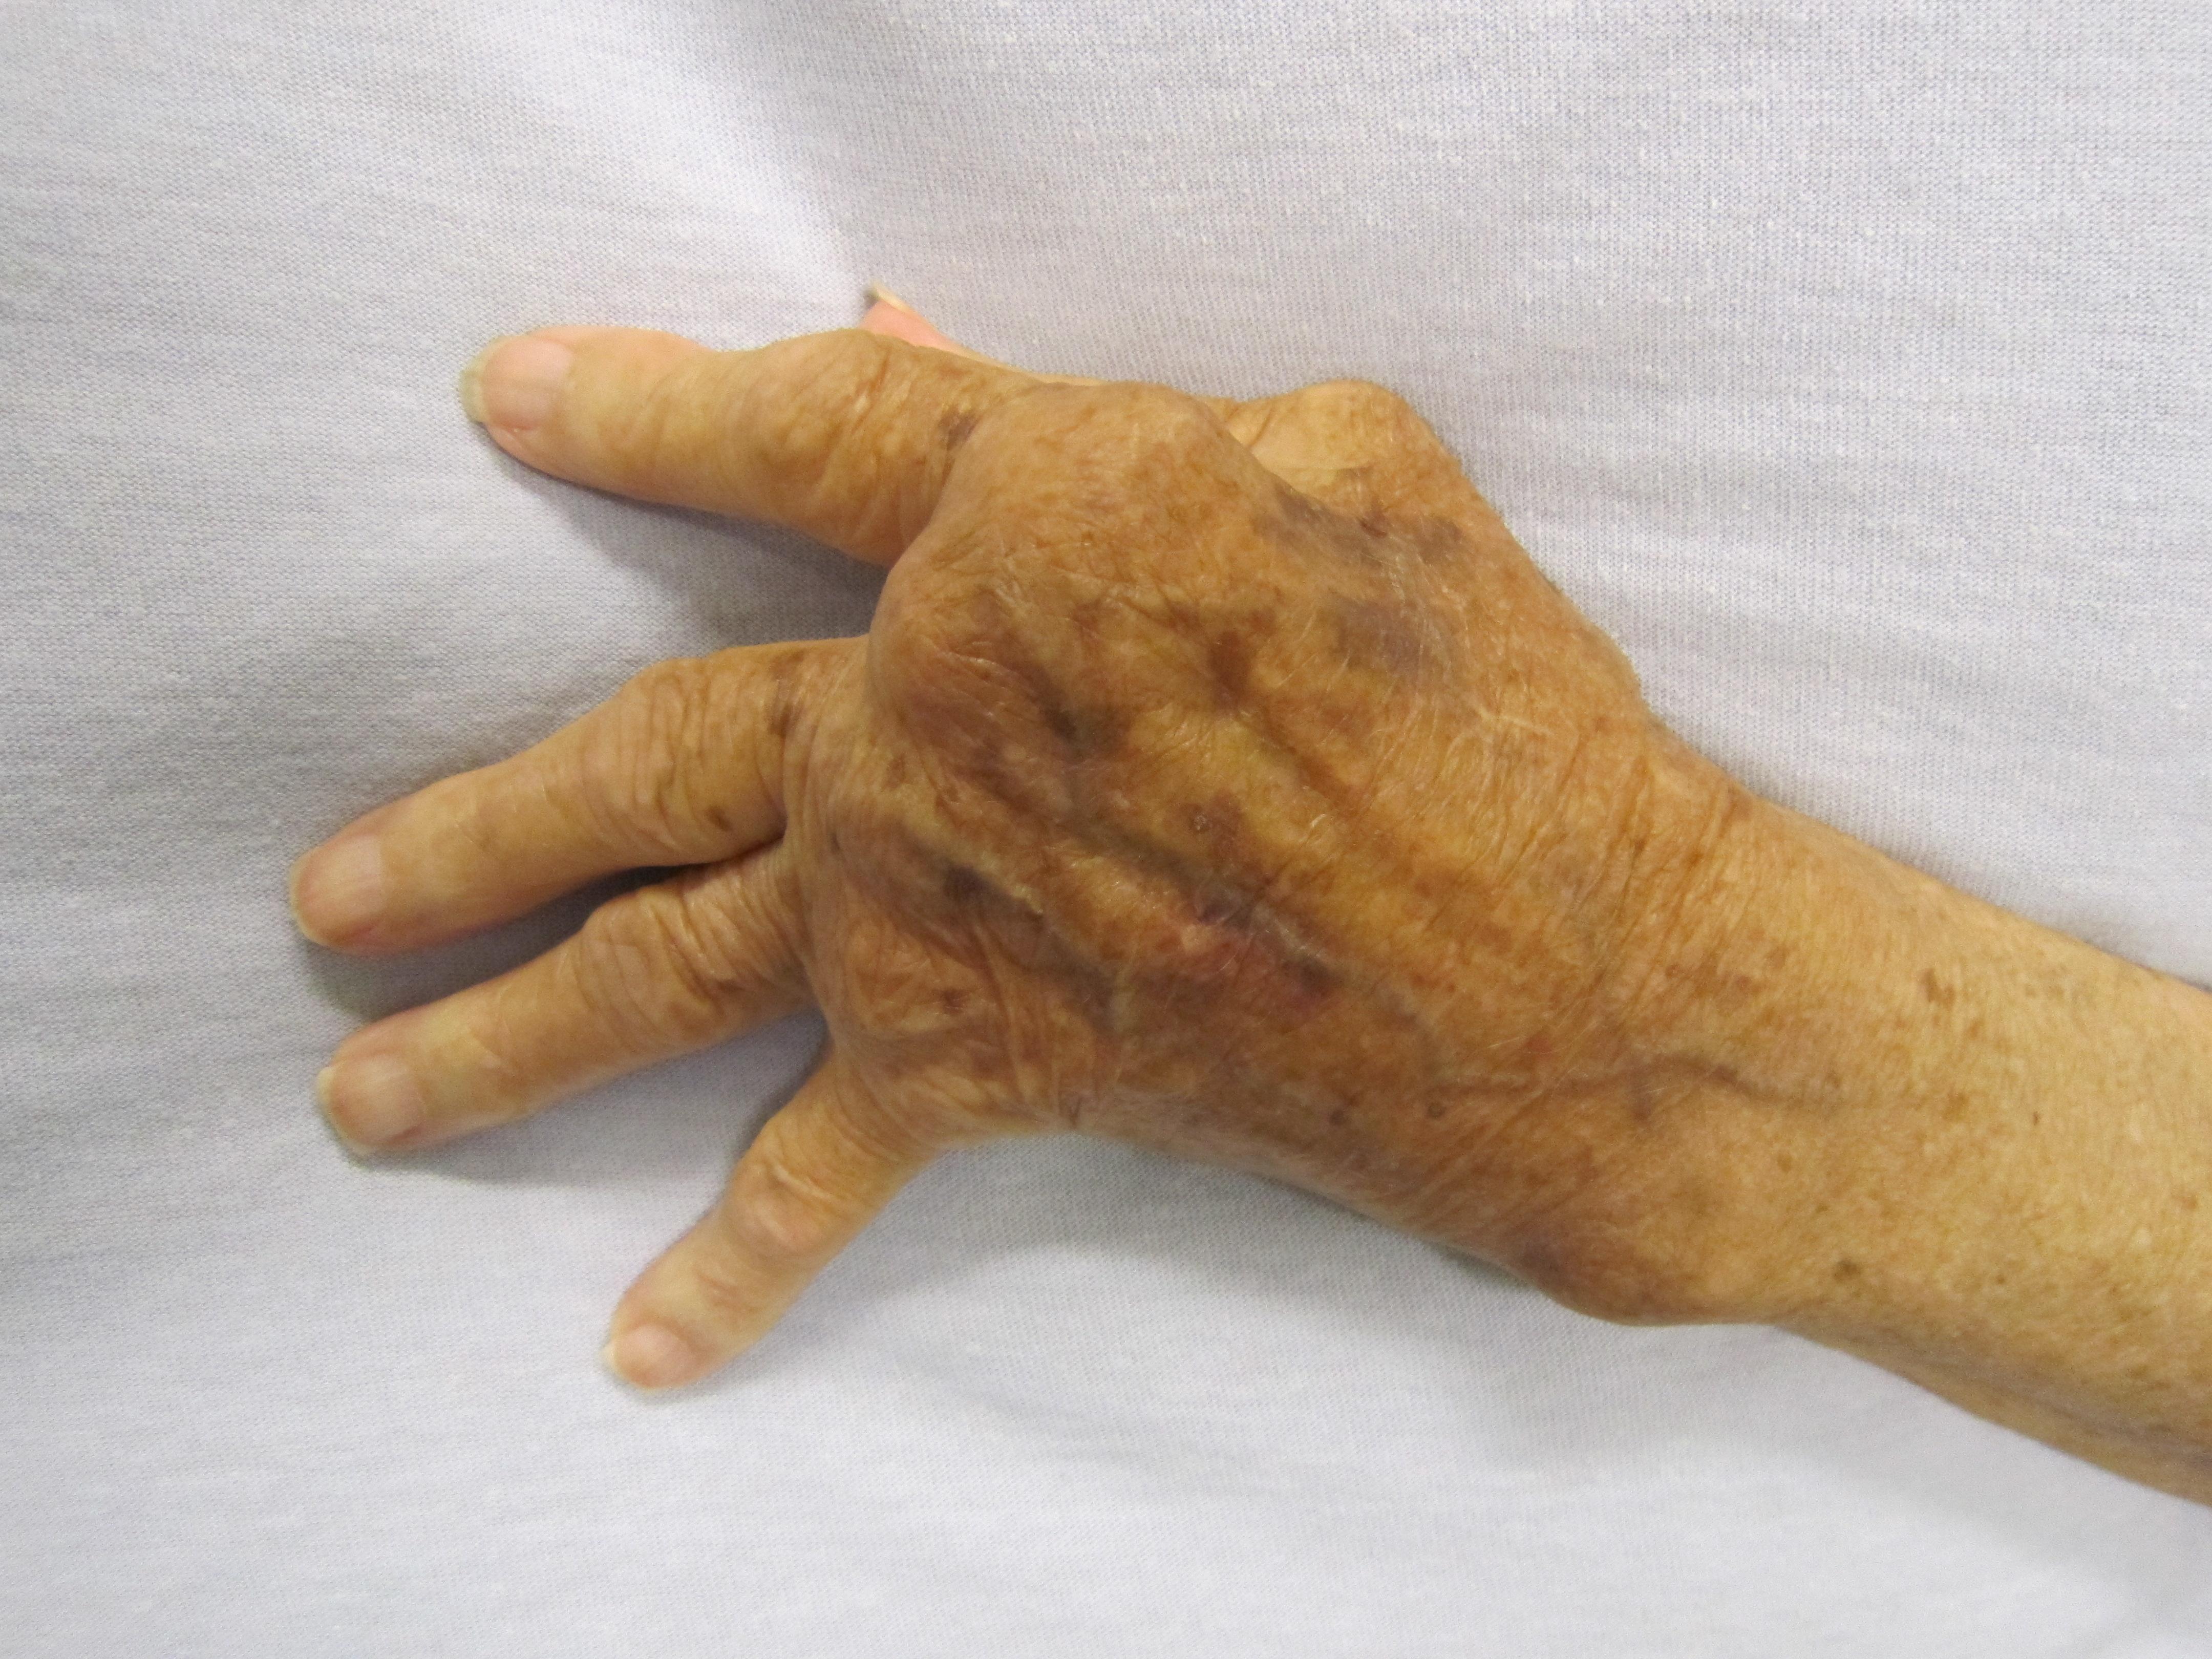 fájdalom a kéz ízületeiben szülés után